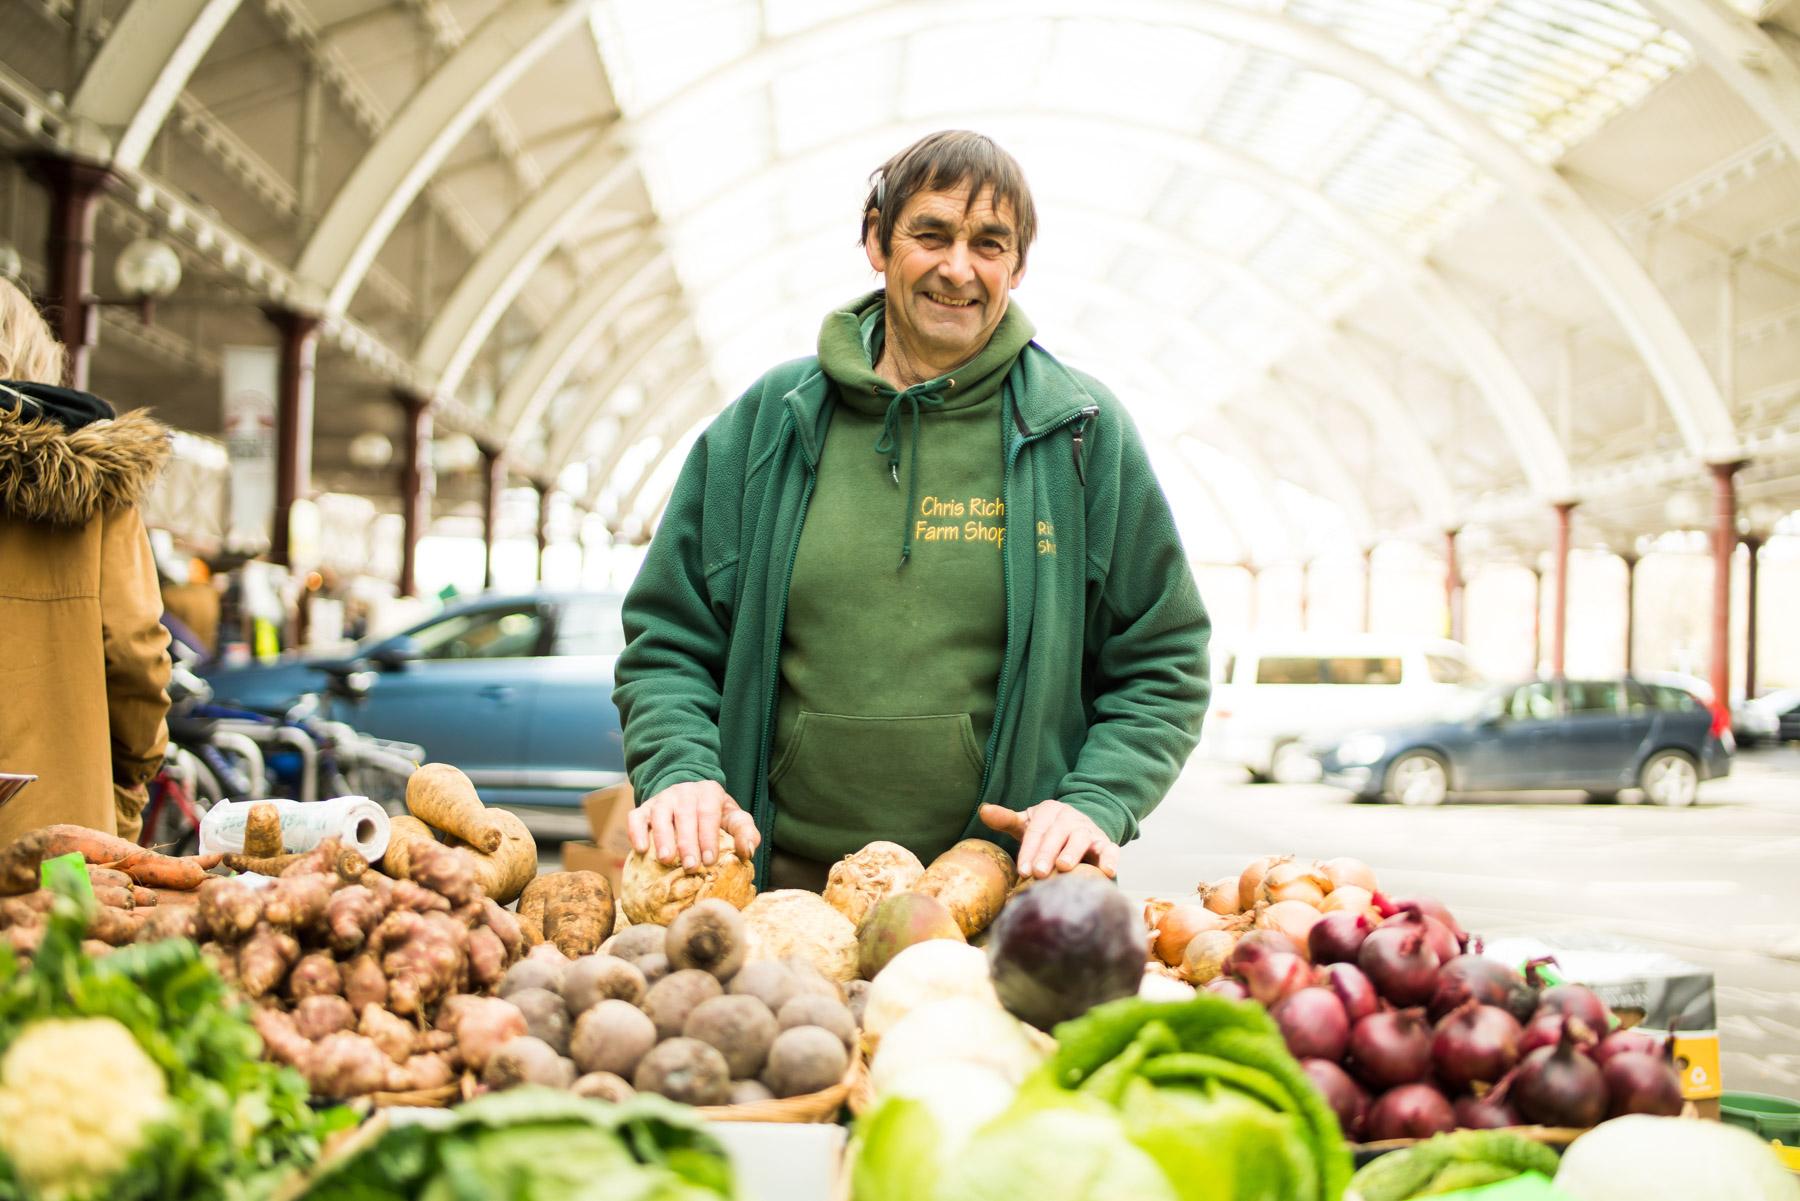 Chris Rich Farm Shop. Images © Green Park Brasserie